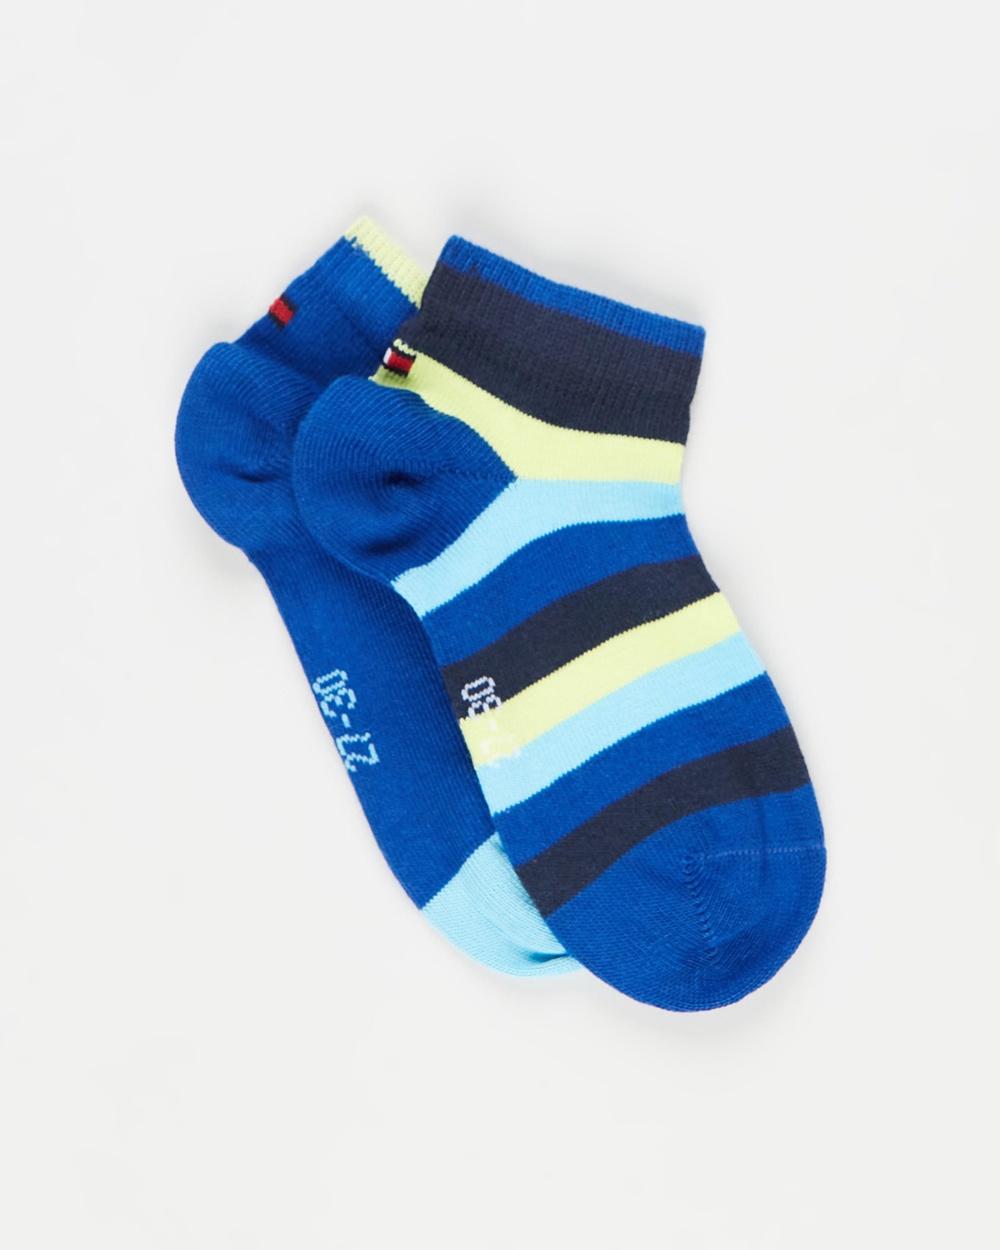 Tommy Hilfiger Quarter Cut Basic Stripe Socks 2 Pack Kids Ankle Blue Combo 2-Pack